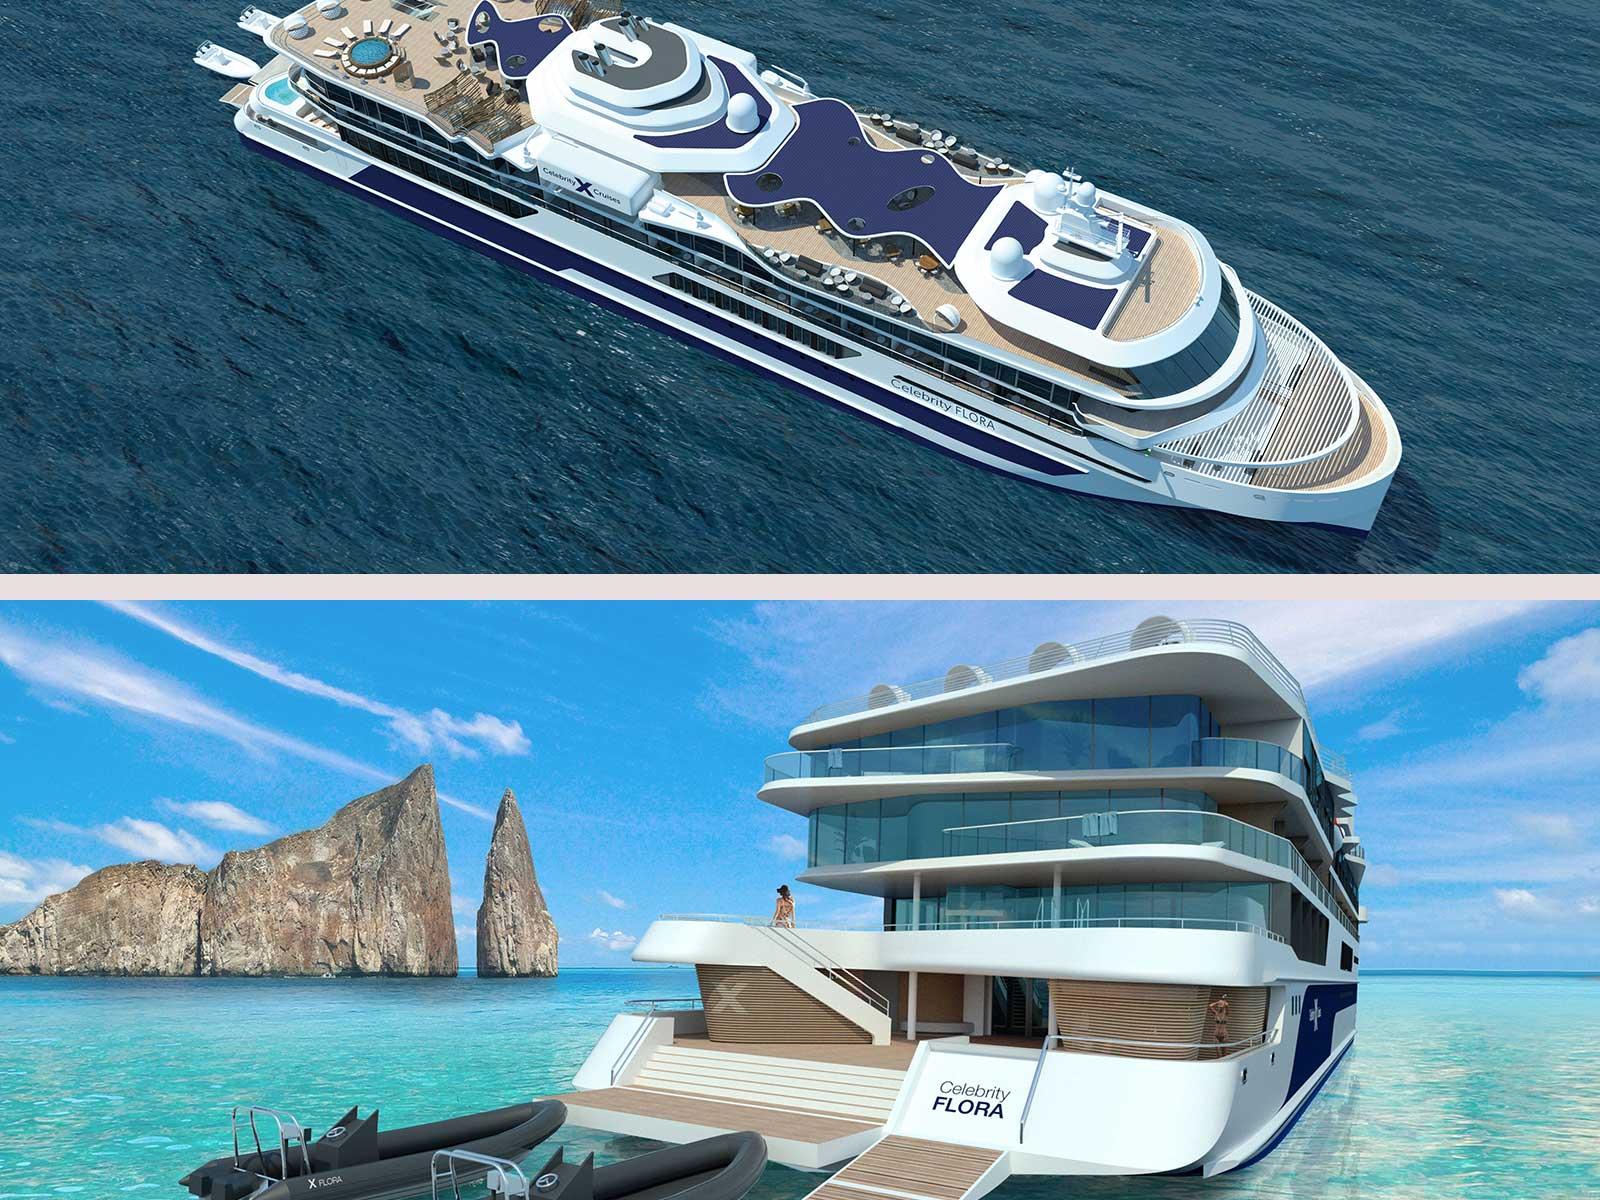 Le Celebrity Flora, premier yacht de luxe d'expedition intimiste de la compagnie Celebrity Cruises.